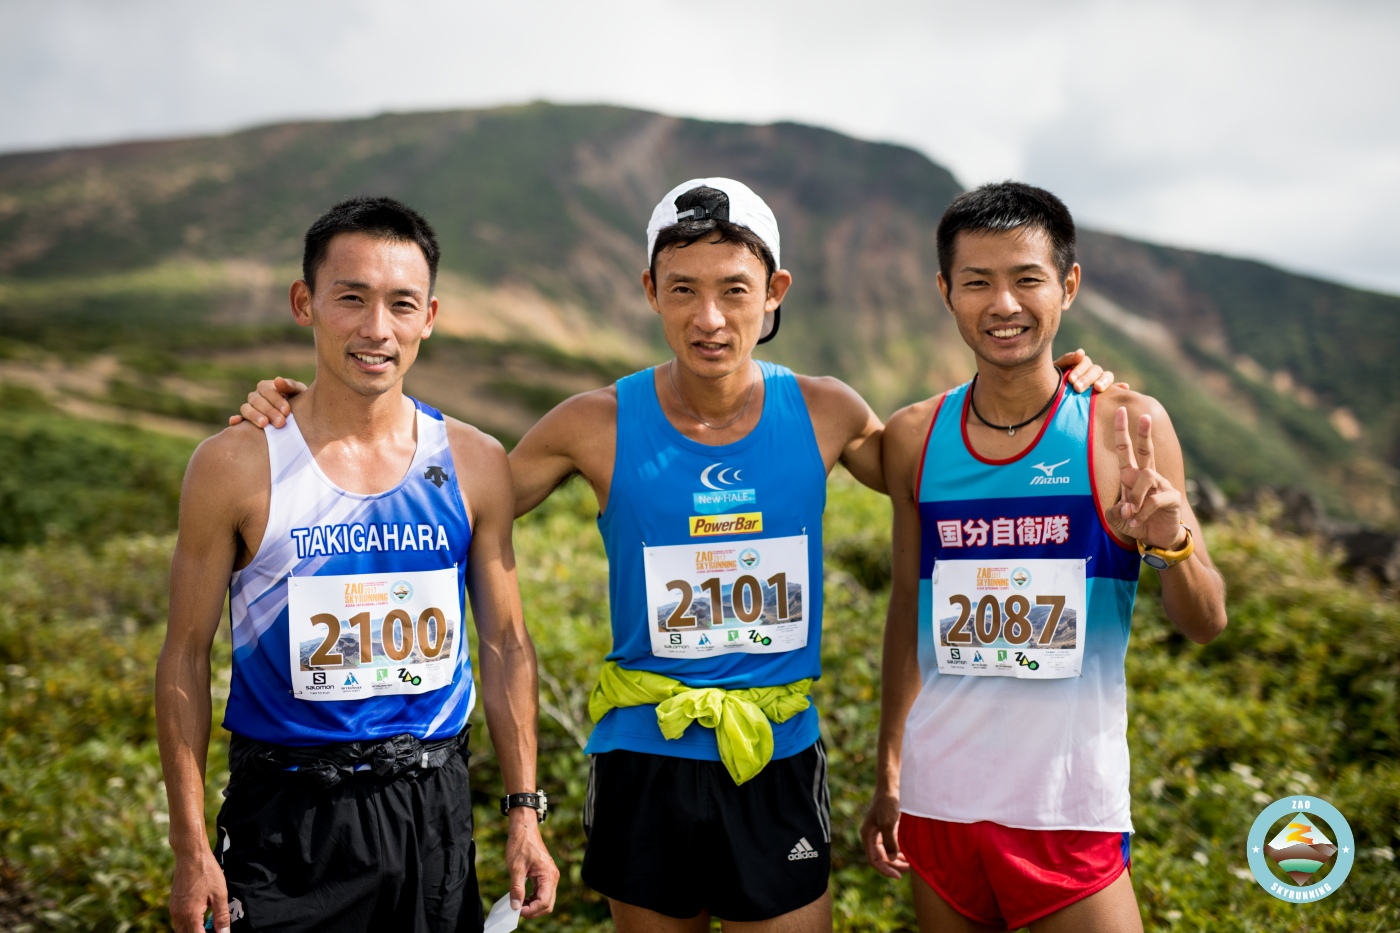 バーティカル男子トップ3 左から新牛込、宮原、永里 🄫ZAO SKYRUNNING